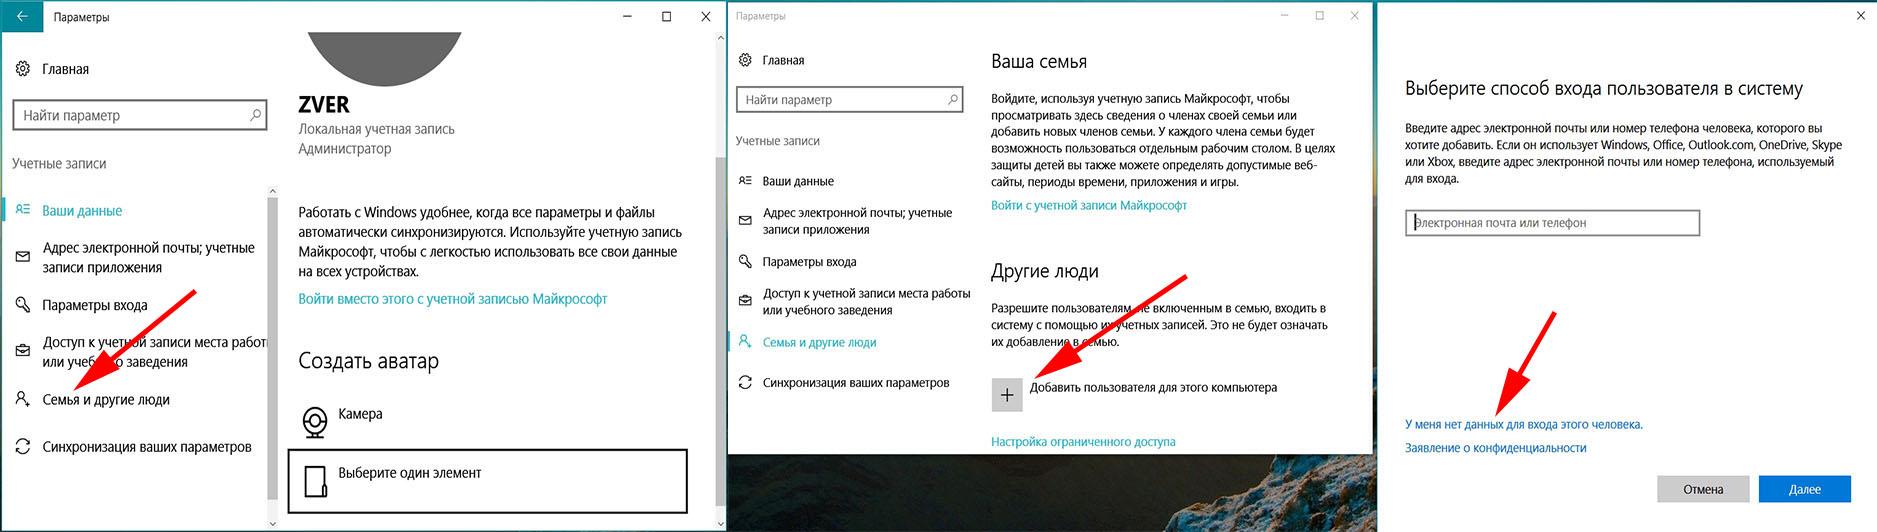 2 Настраиваем родительский контроль на Windows 10